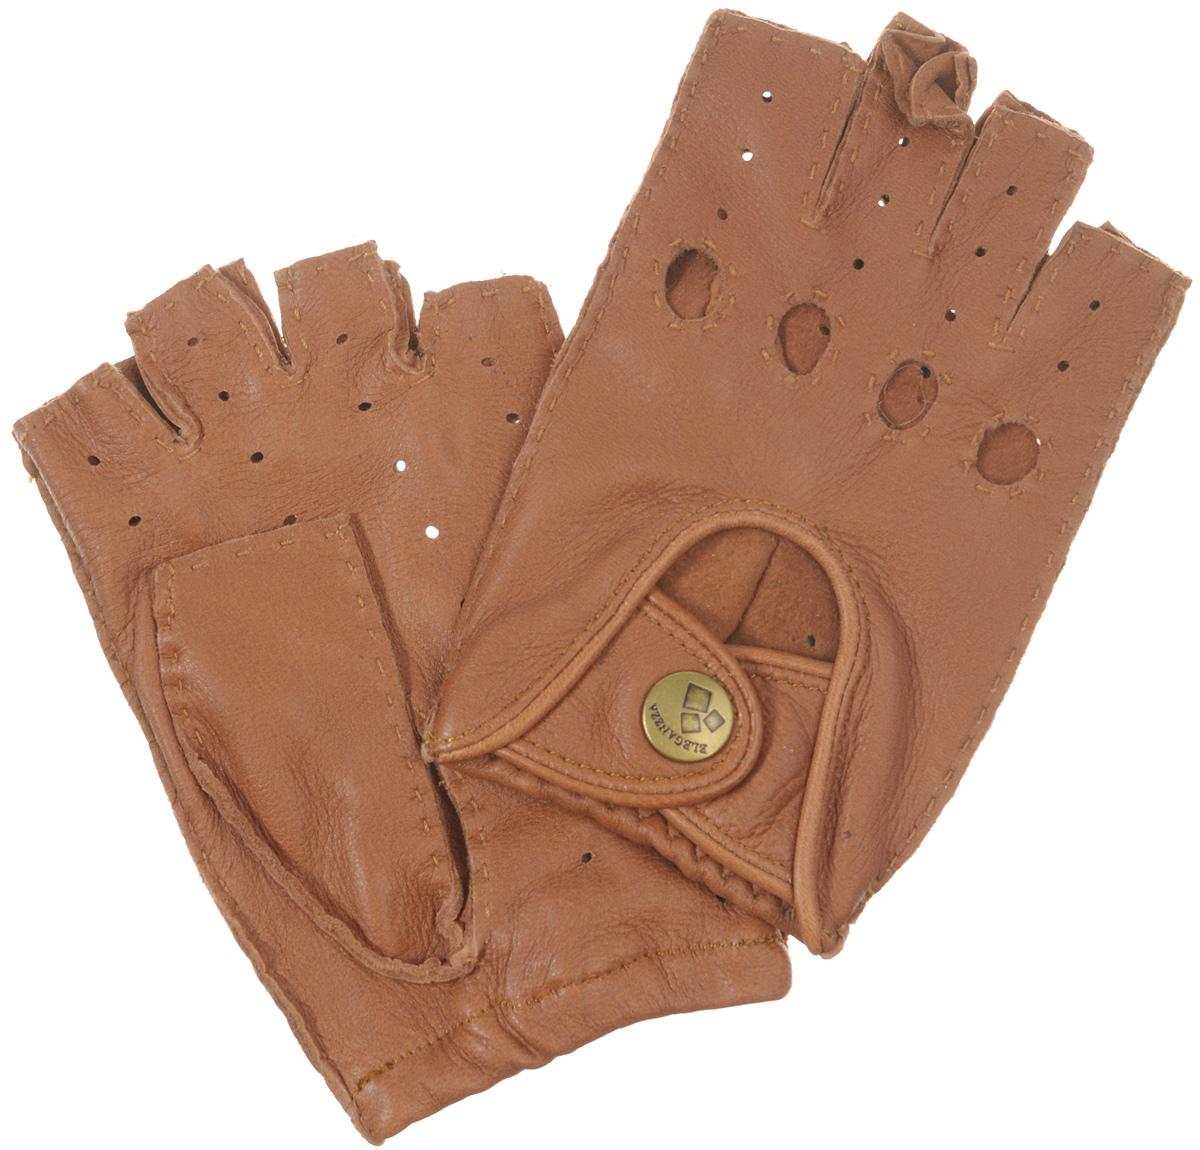 ПерчаткиHS102WМитенки Eleganzza изготовлены из натуральной кожи оленя с перфорацией. Швы - наружные ручные. На лицевой стороне - декоративный вырез, два ремня, закрывающиеся по центру на кнопку и вырезы под косточки пальцев. Первоначально митенки использовались для защиты от холода при выполнении работ, требующих подвижности пальцев. Но начиная с XVIII века митенки стали использоваться как модный женский аксессуар, дамы носили митенки и в помещениях, соответственно митенки выполняли больше эстетическую, а не практическую функцию. Такая мода продержалась и в XIX веке. Использовались как простые вязаные митенки, так и кружевные, причем они могли по длине доходить как до середины руки, так и до локтя. В России митенки использовались еще в XIX веке и считались женскими перчатками. В настоящий момент митенки используются как женщинами, так и мужчинами, но все-таки в большей степени считаются женским аксессуаром одежды!